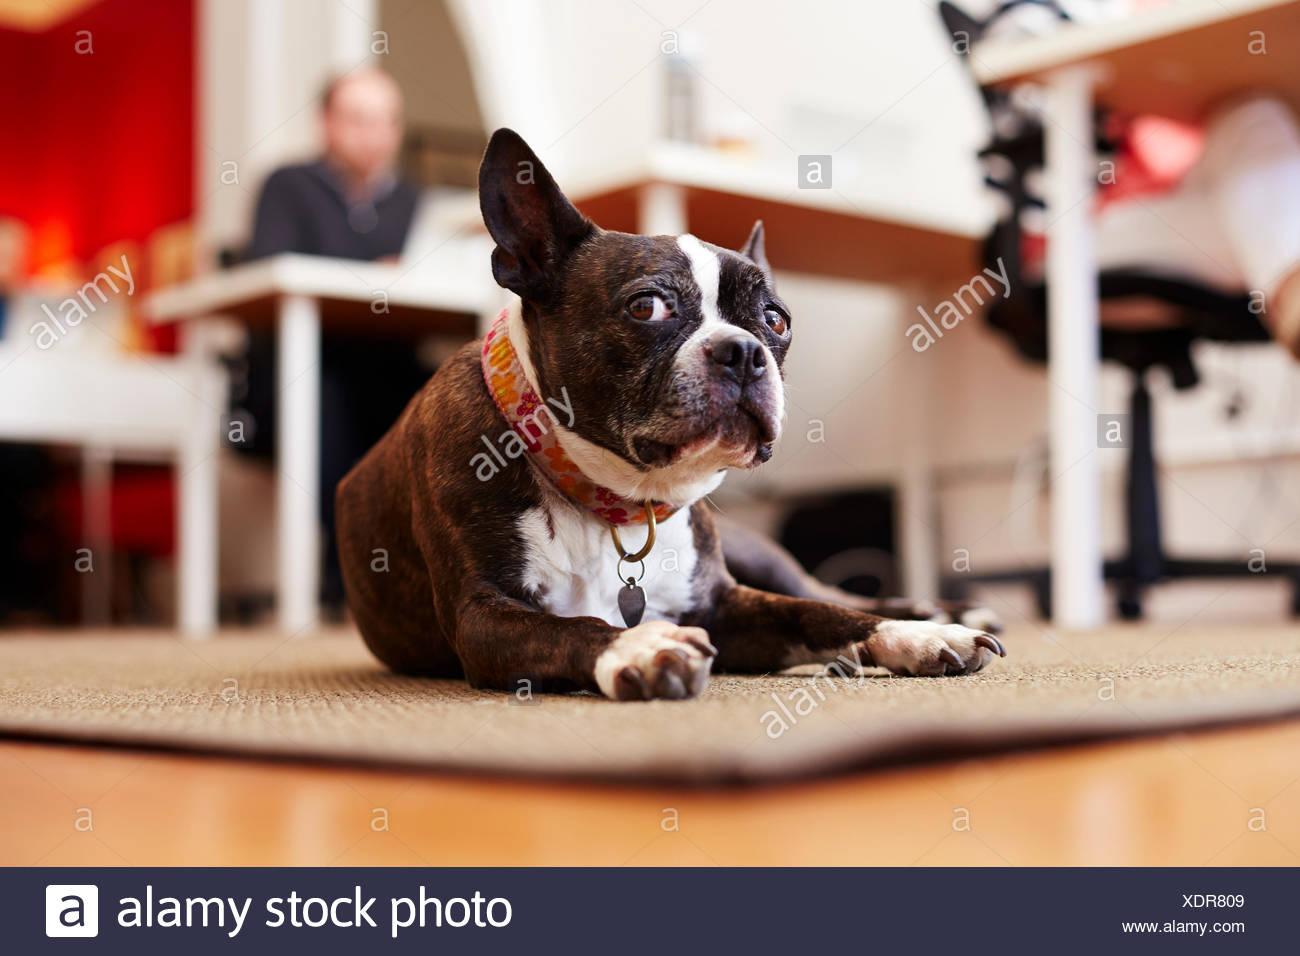 Ritratto di cane curioso sdraiato sul tappeto in un ufficio Immagini Stock